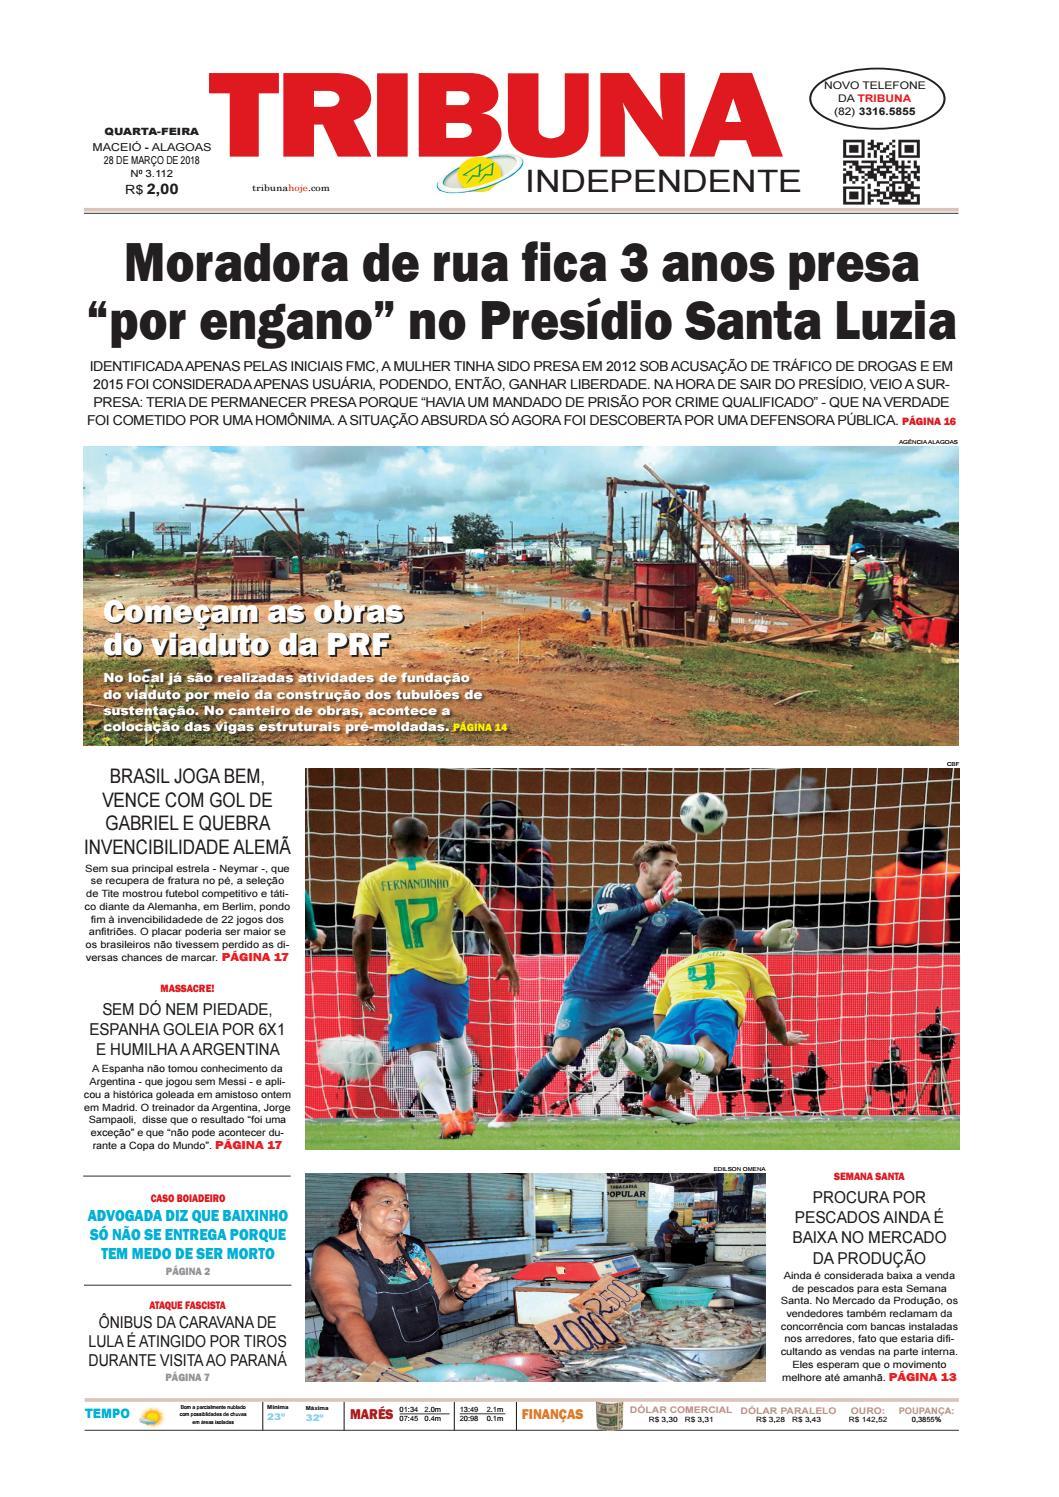 3a1f7ed8521ca Edição número 3112 - 28 de março de 2018 by Tribuna Hoje - issuu